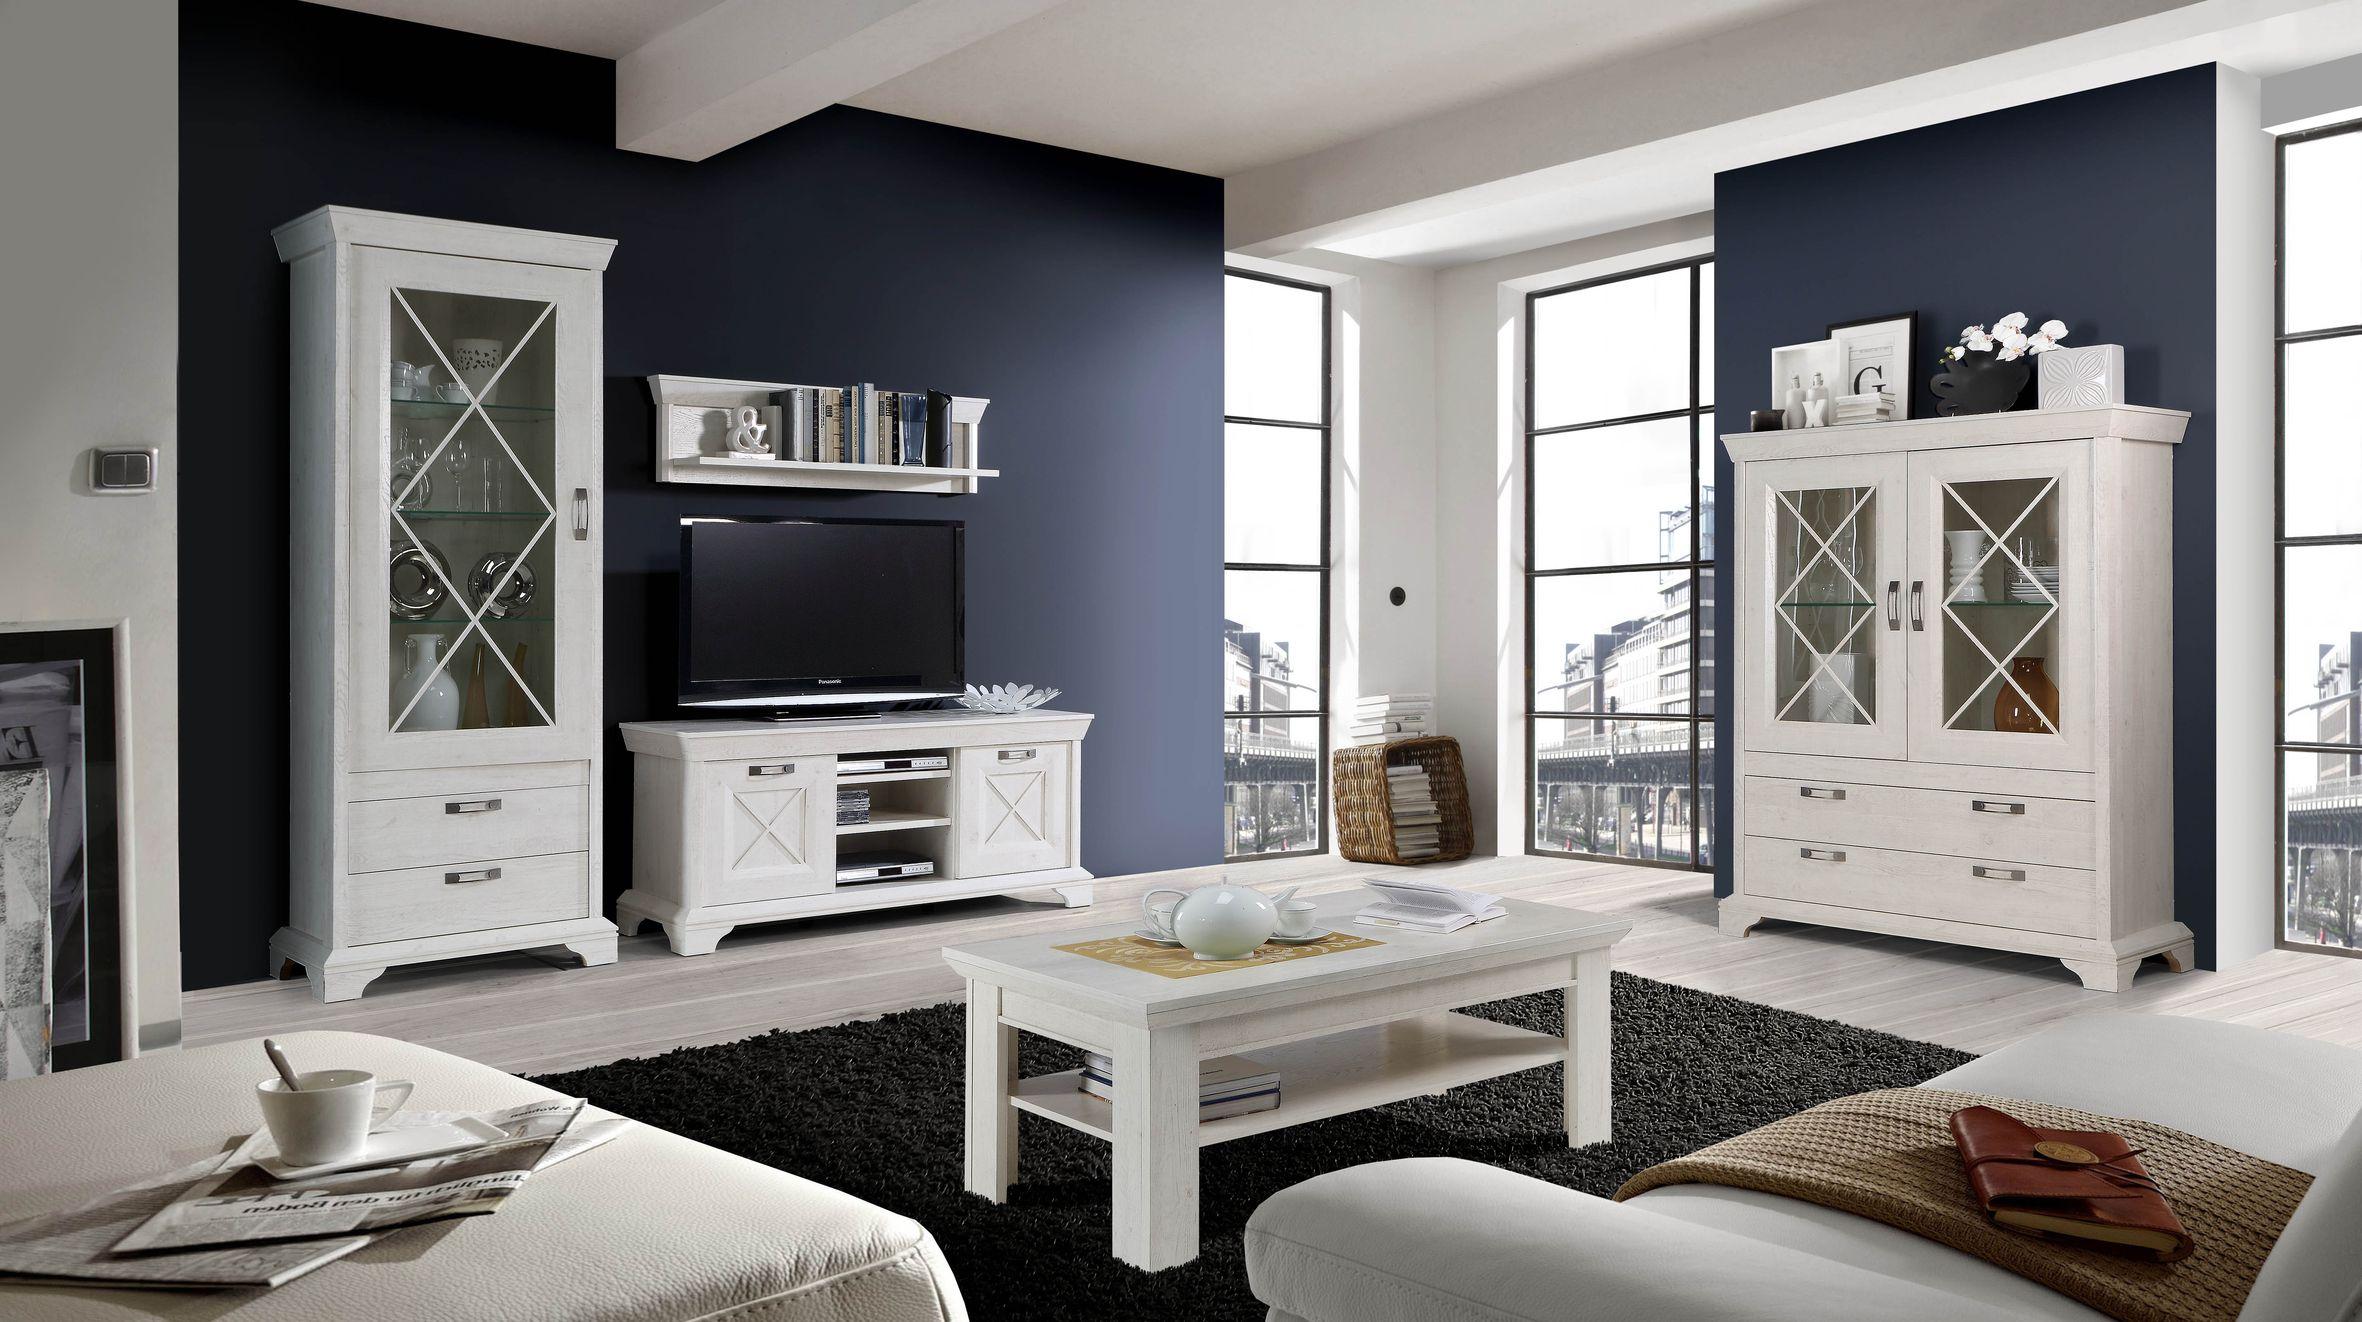 wohnzimmer tv unterschrank kashmir. Black Bedroom Furniture Sets. Home Design Ideas